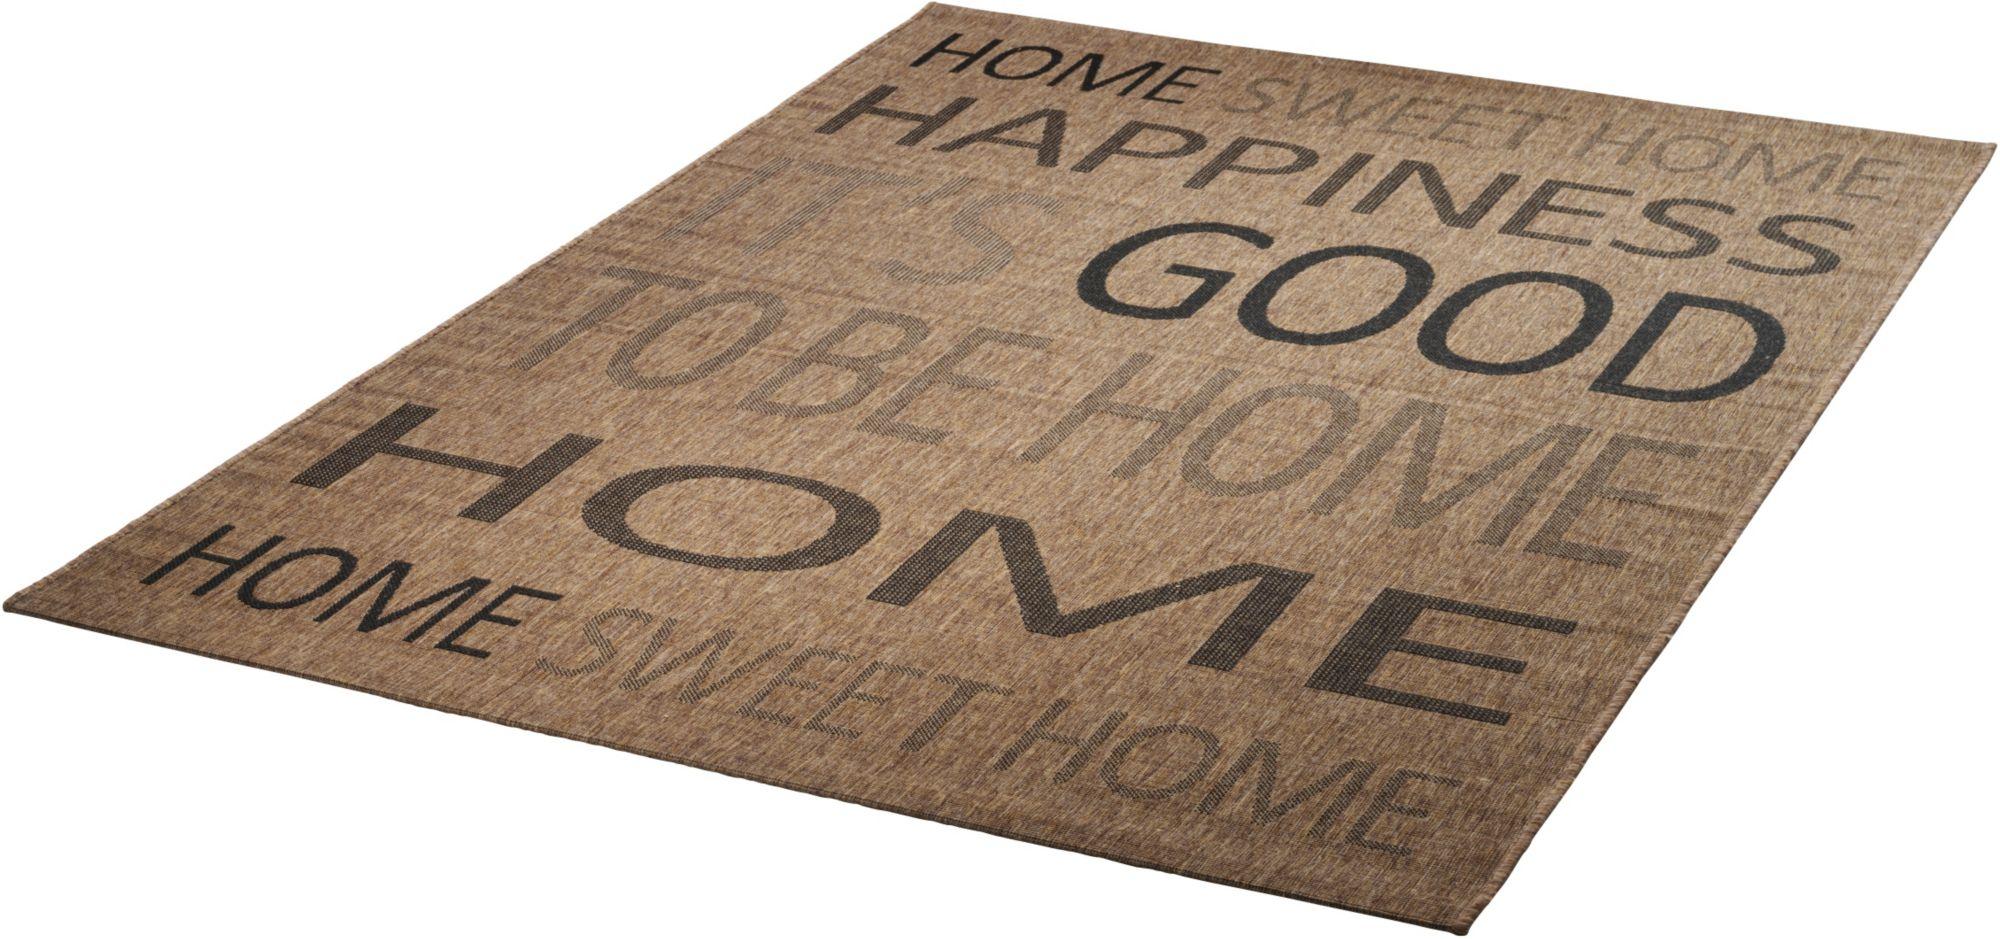 teppich good g nstig online kaufen beim schwab versand. Black Bedroom Furniture Sets. Home Design Ideas